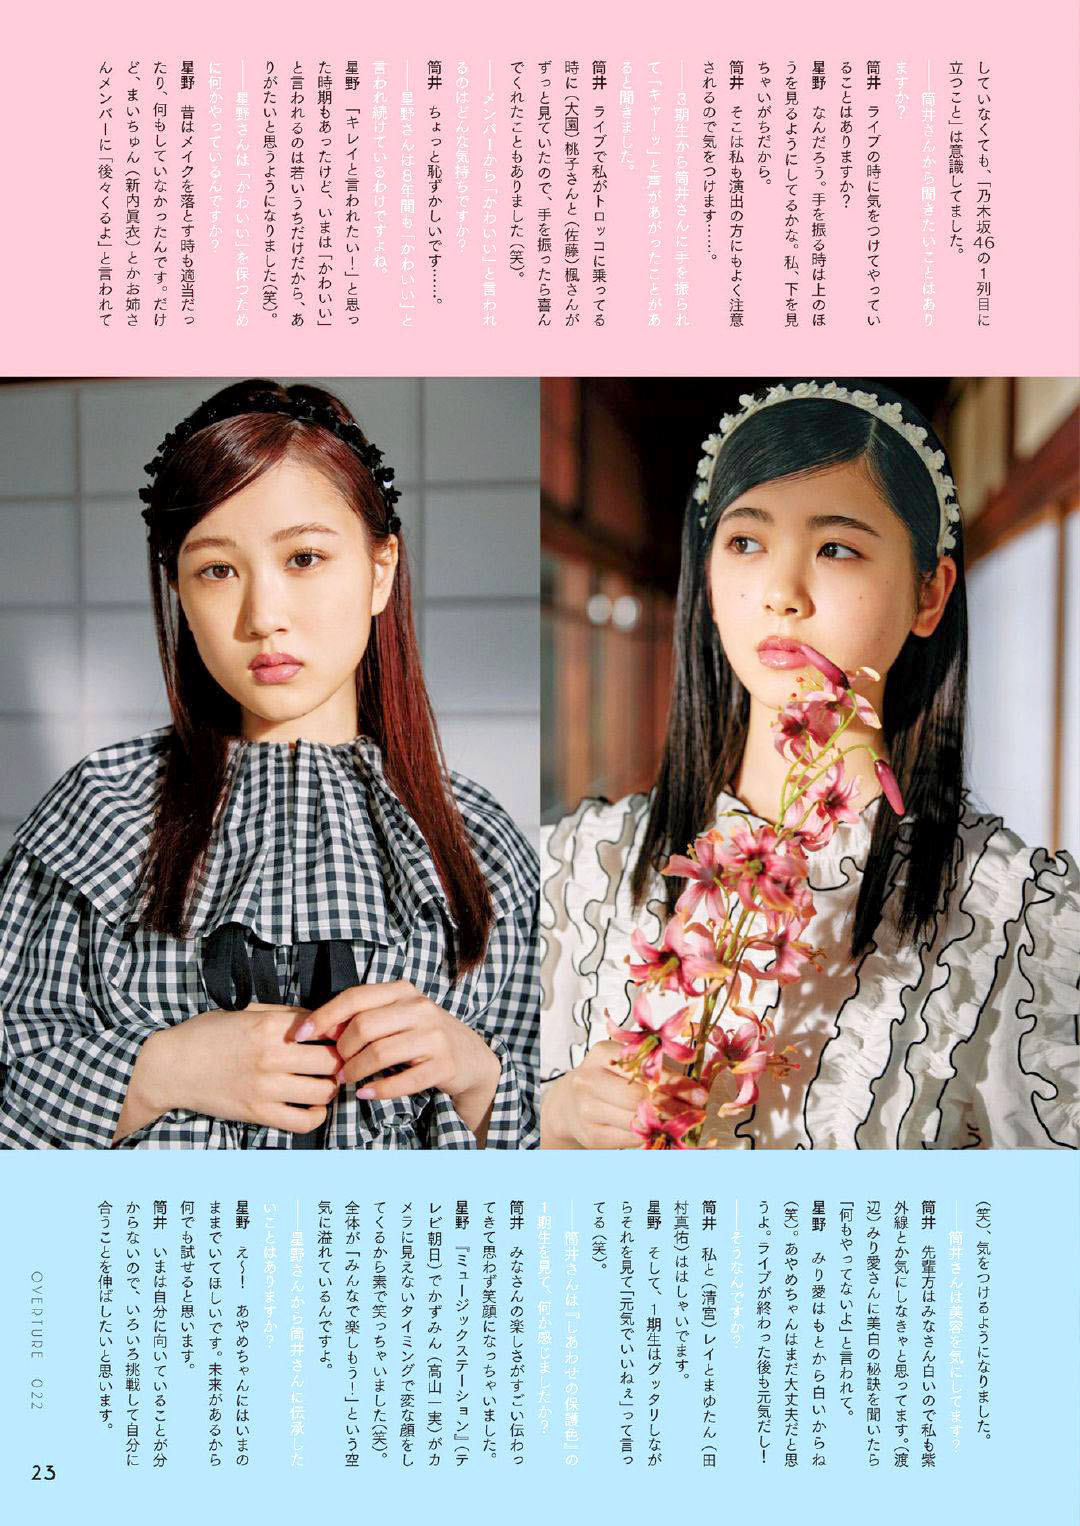 MHoshino  Tsutsui Ayame Overture 20 22 07.jpg